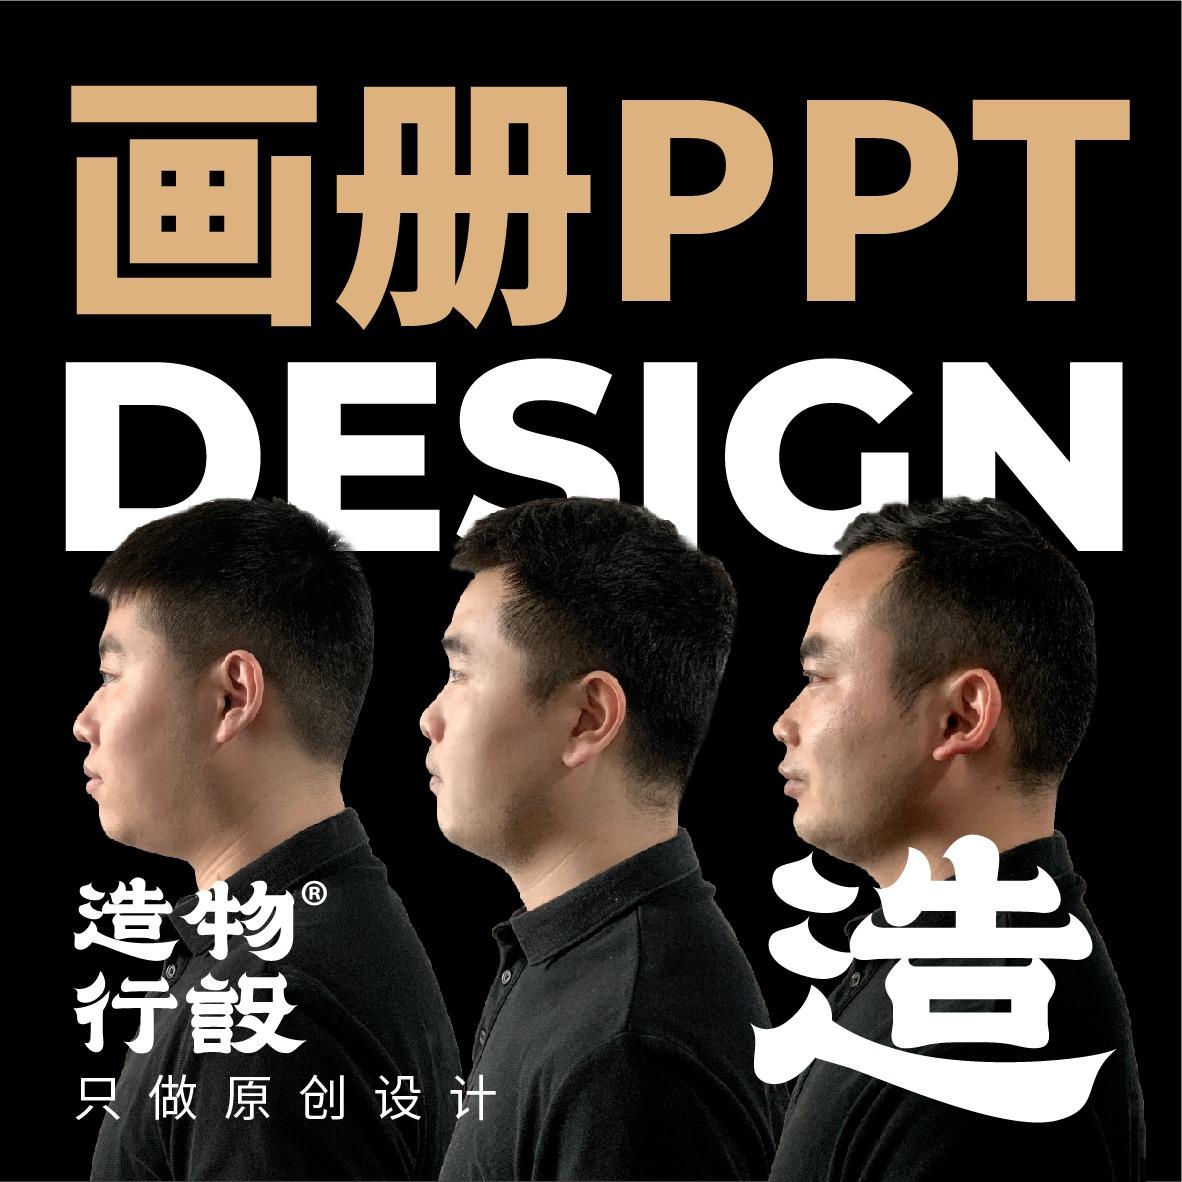 企业画册设计产品手册宣传册设计台历菜单三折页PPT公司排版